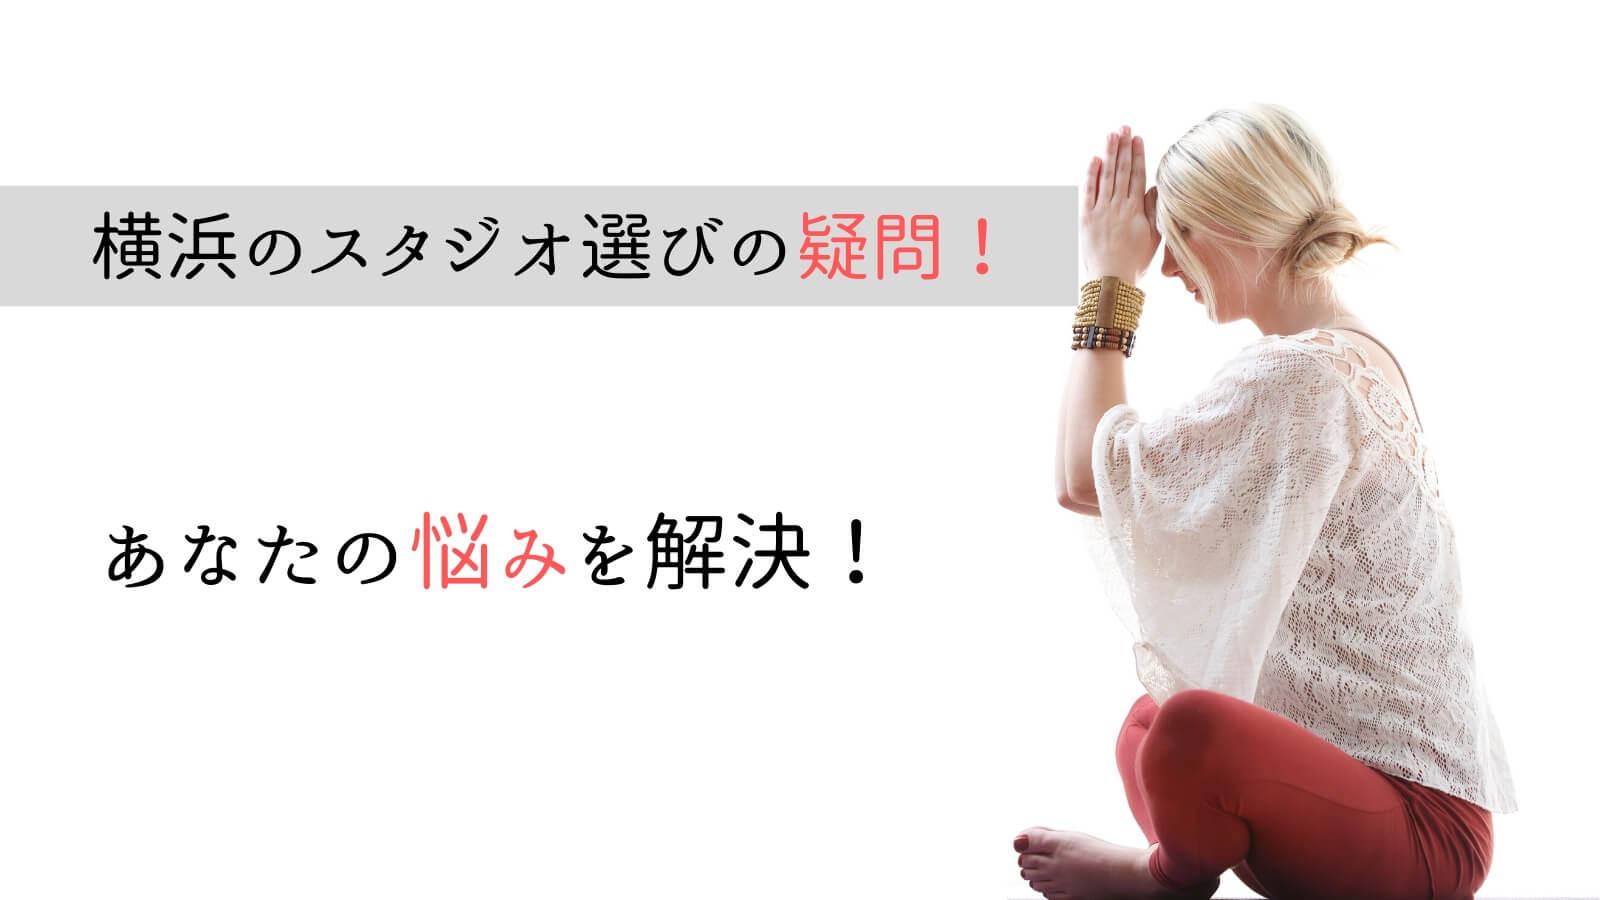 横浜でのピラティススタジオ選びに関するQ&A